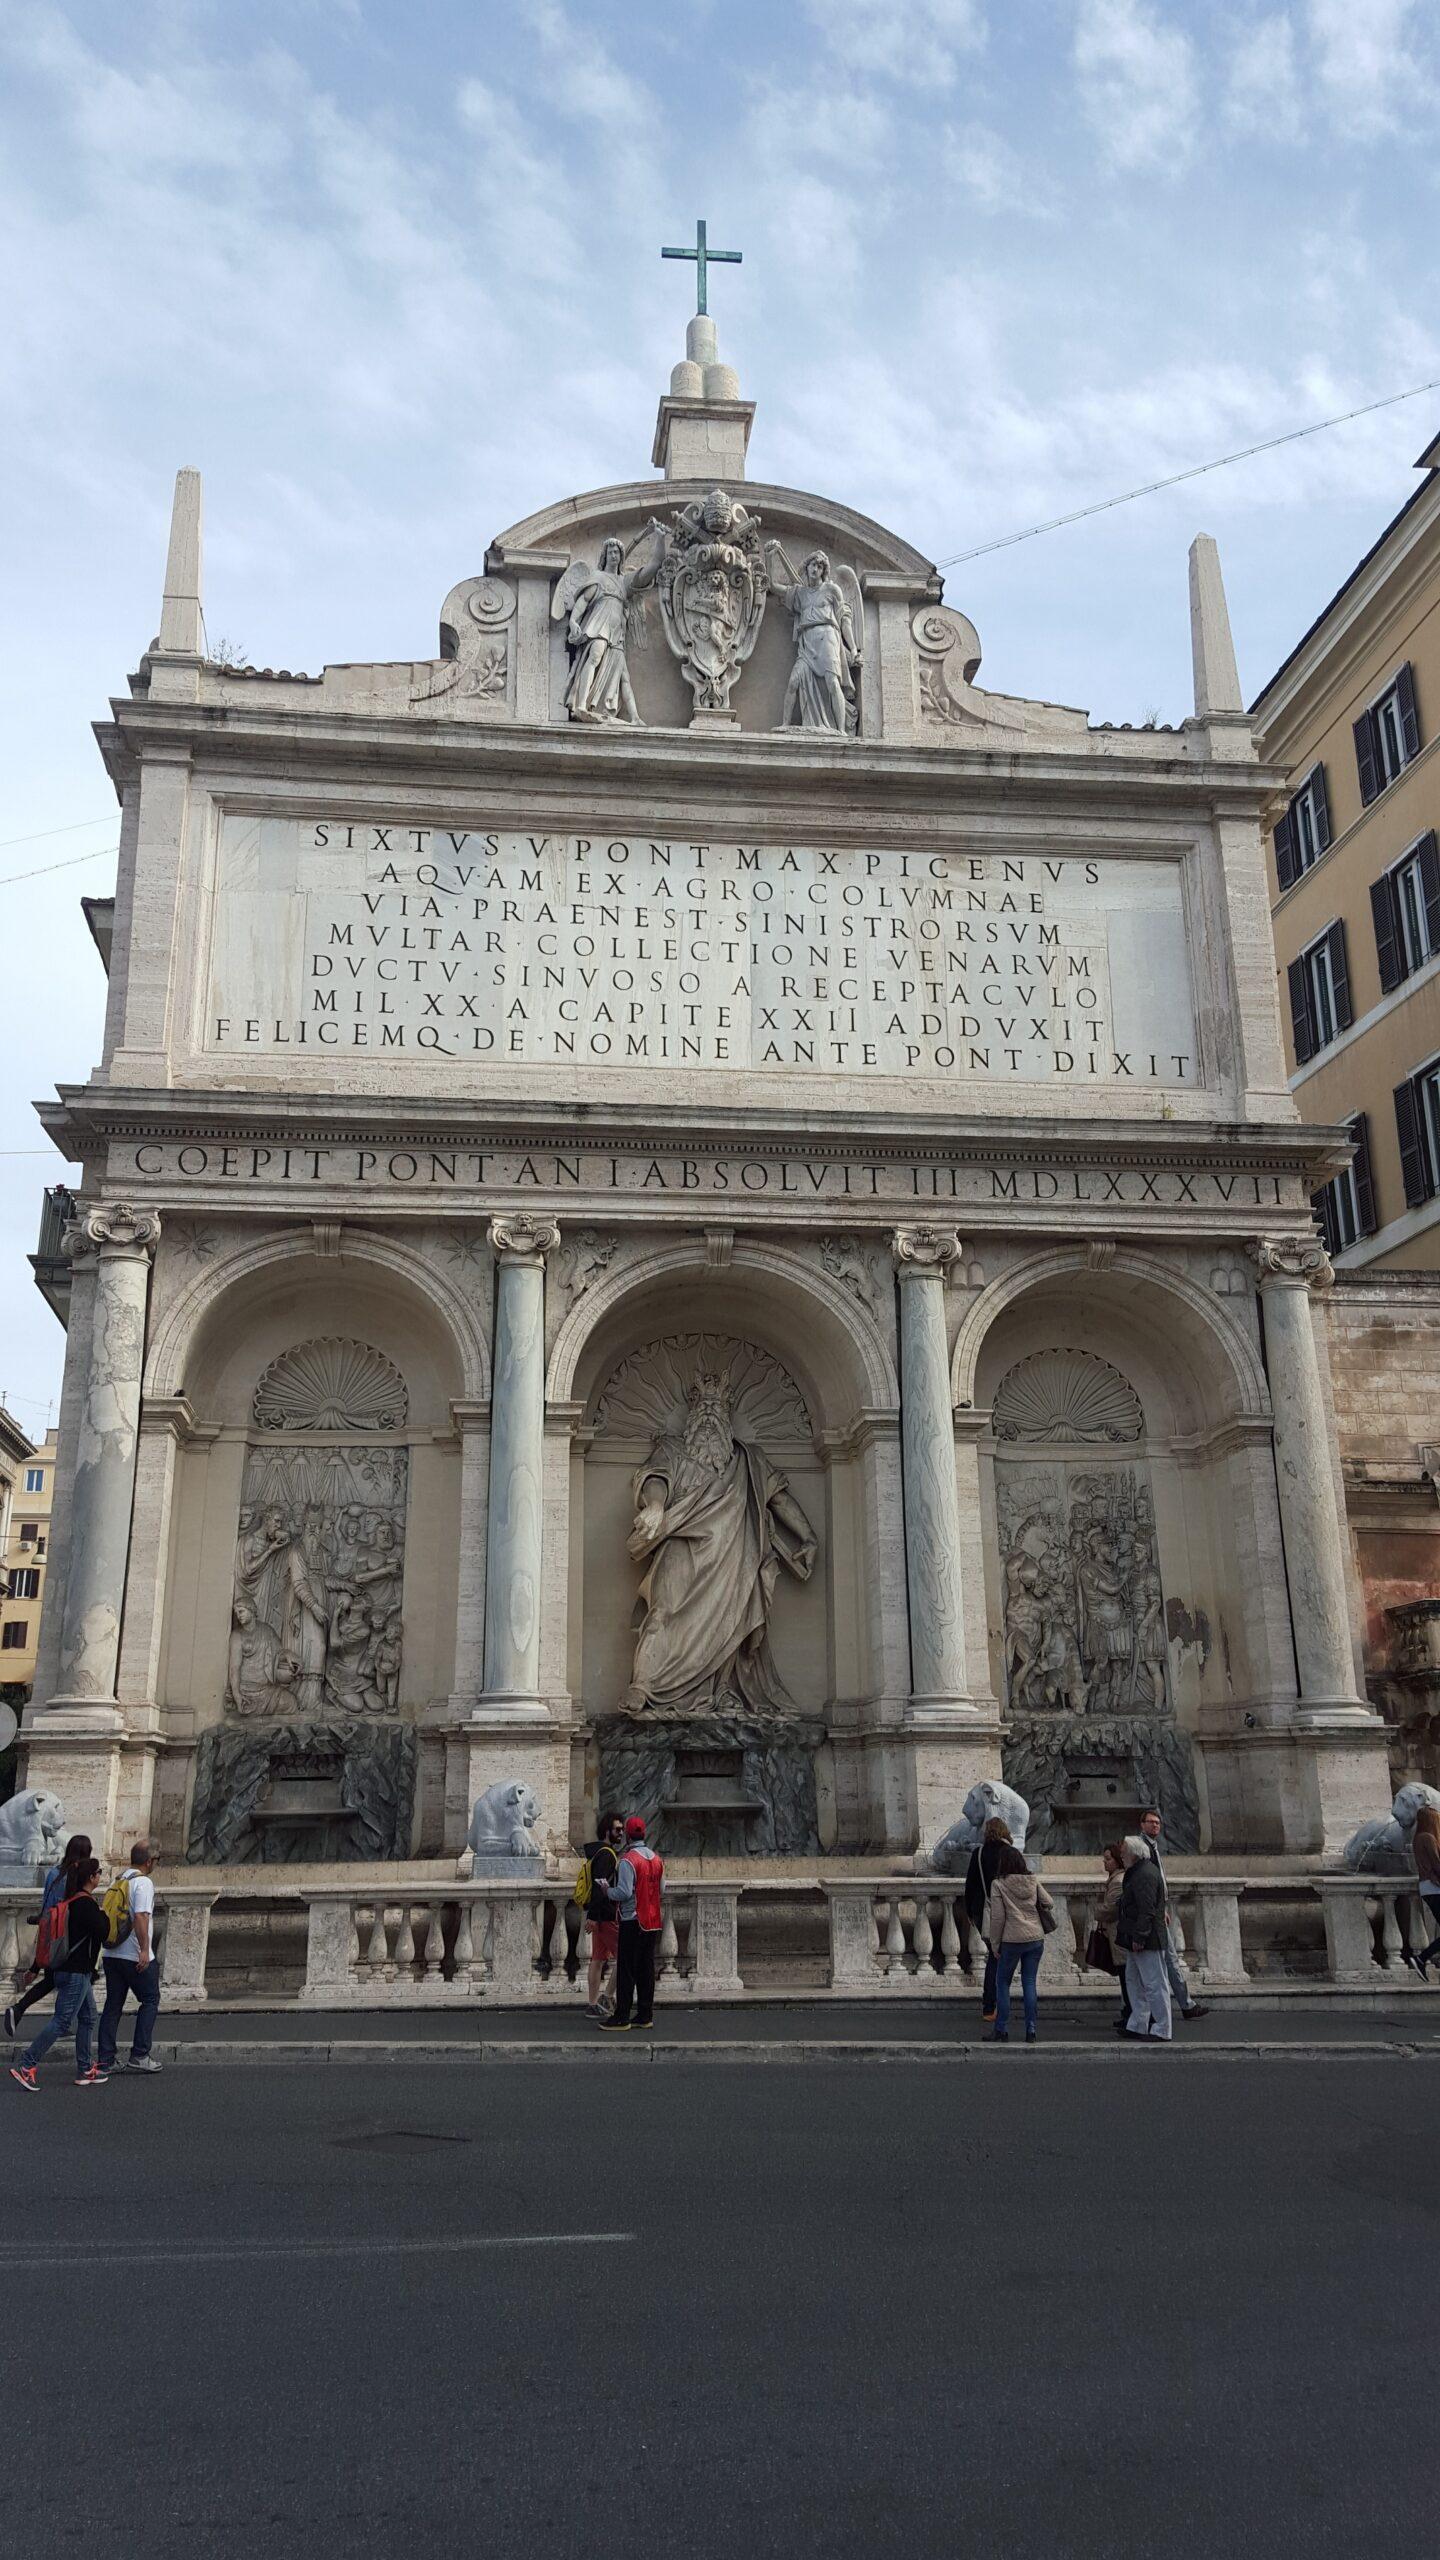 Фонтан Аква Феличе - Моисея в Риме Микеланджело